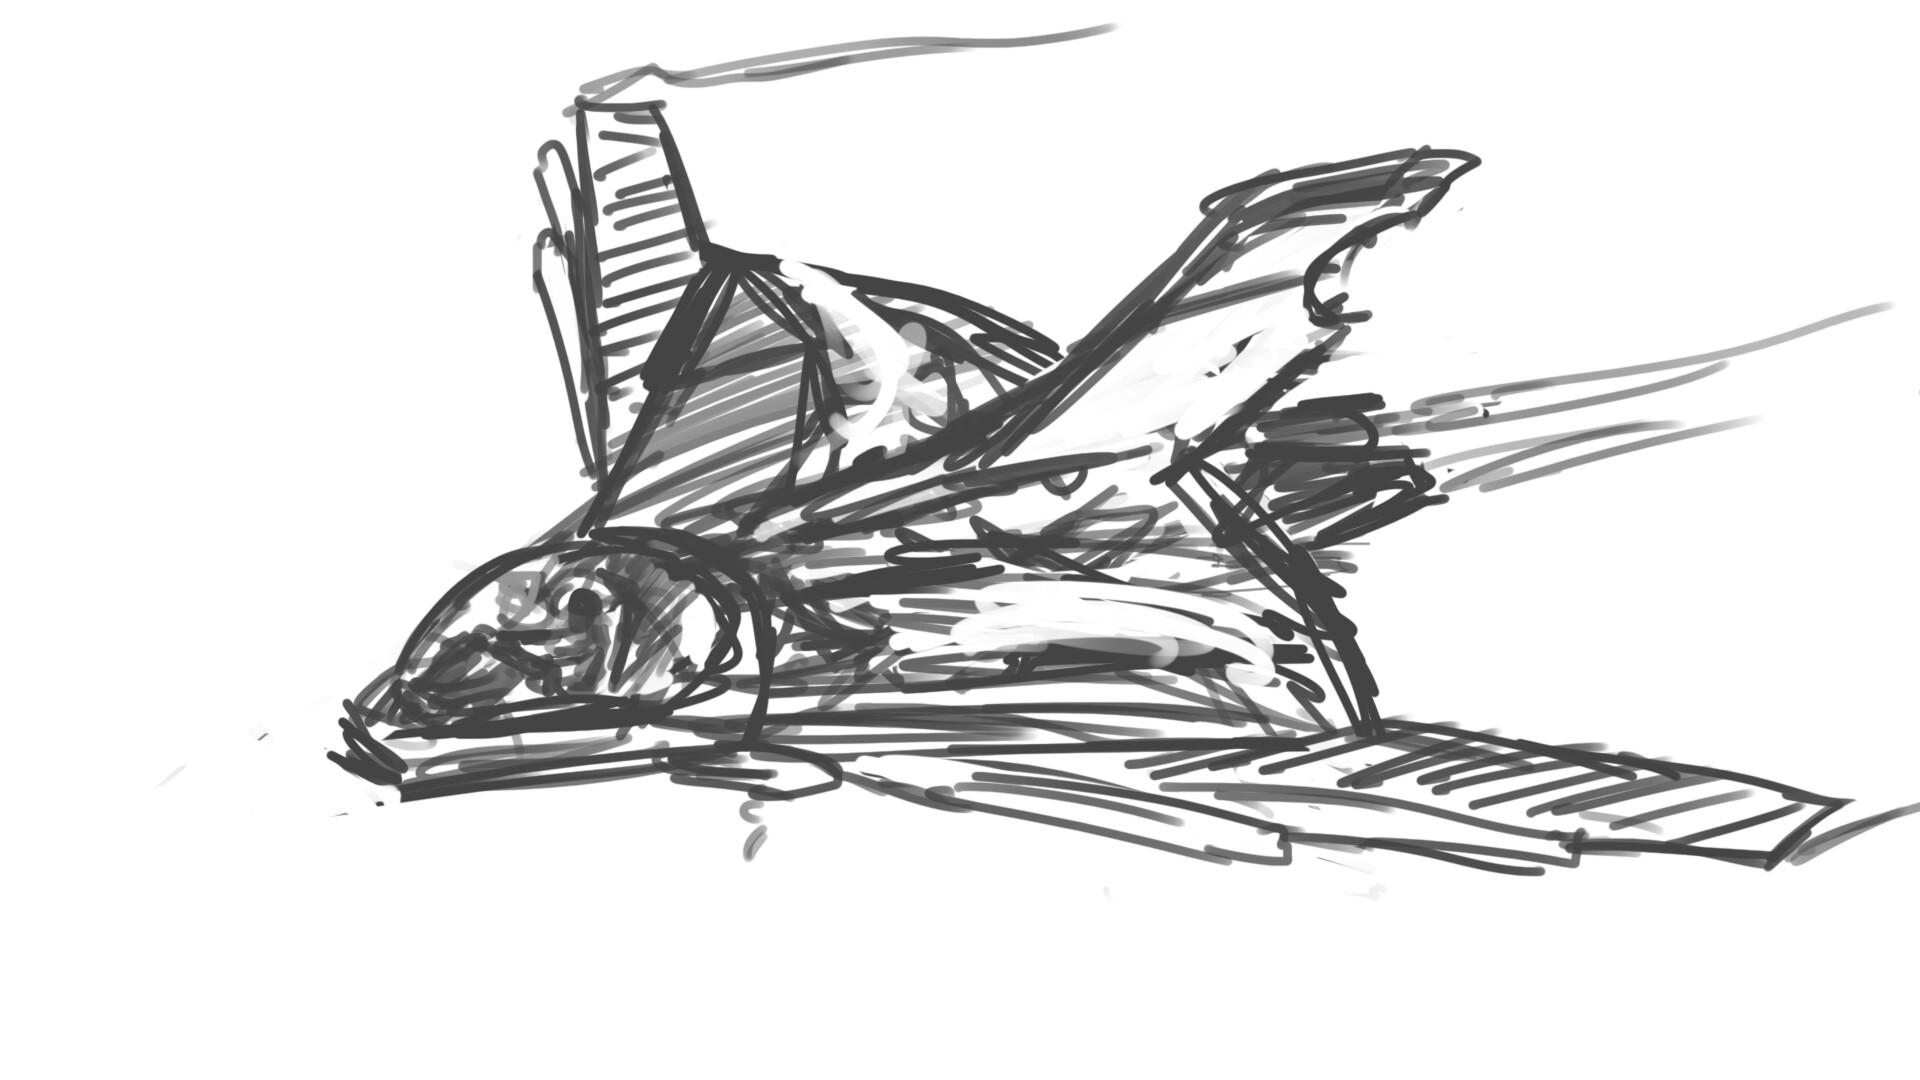 Alexander laheij drawing10 71